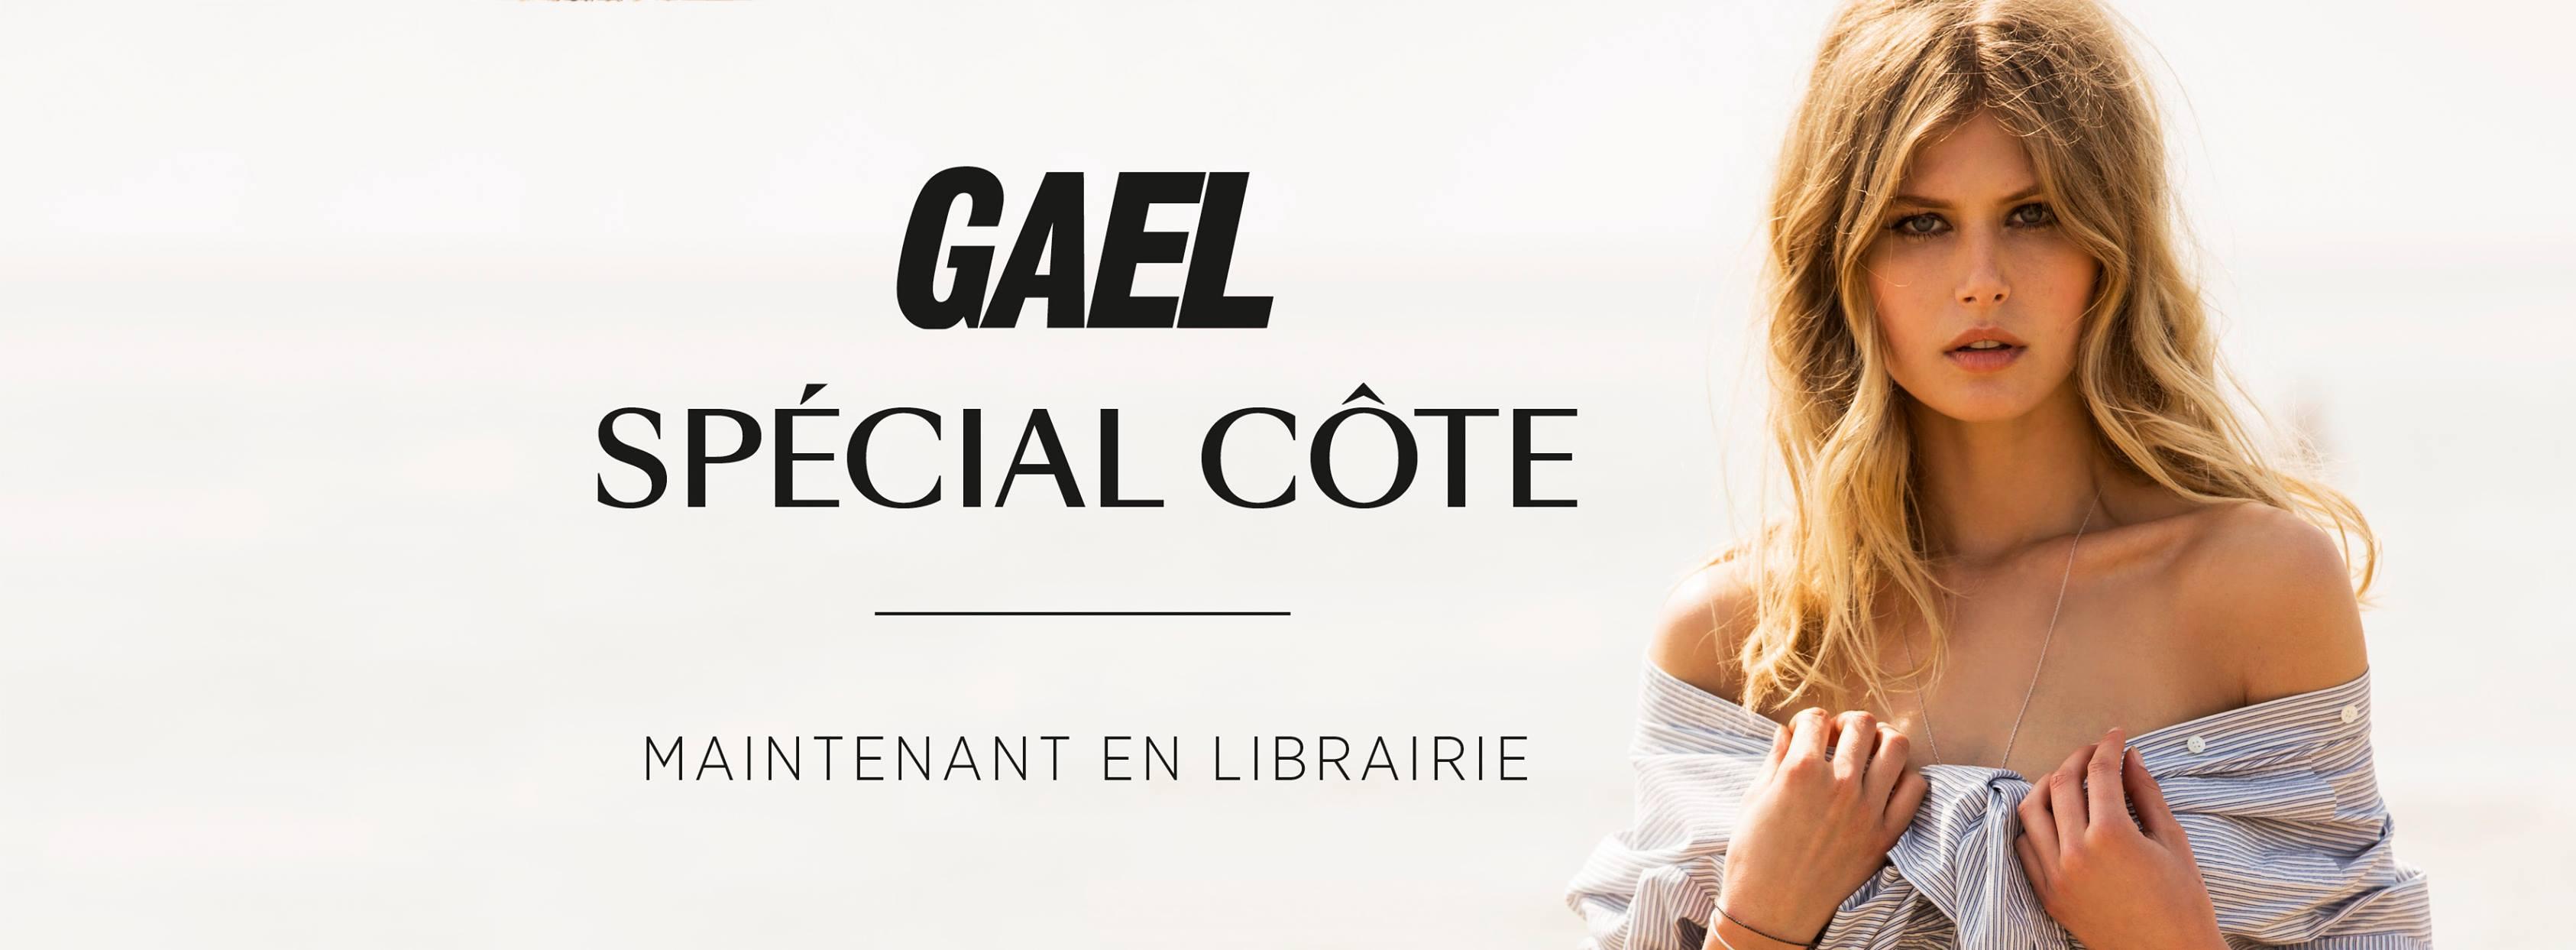 GAEL Spécial Côté